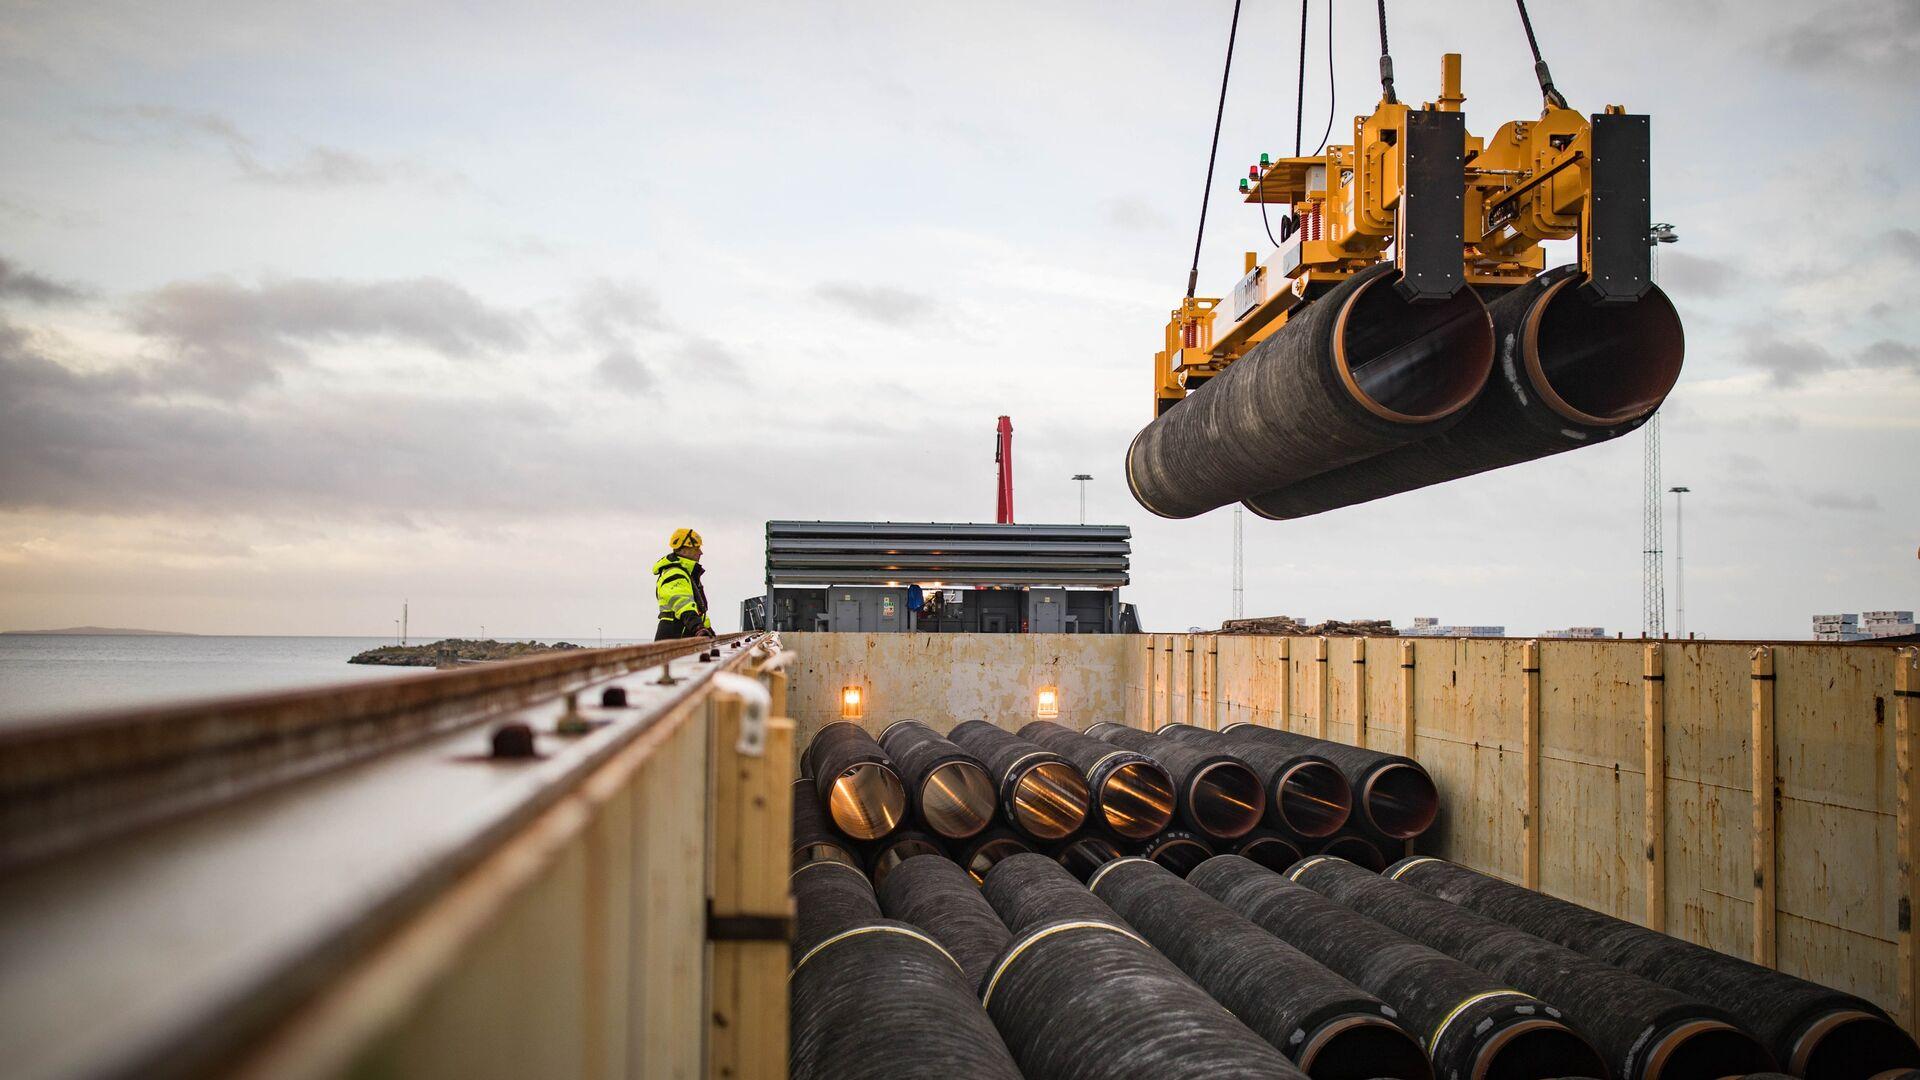 Трубы для строительства газопровода Северный поток — 2 в порту Мукран, Германия - РИА Новости, 1920, 19.01.2021